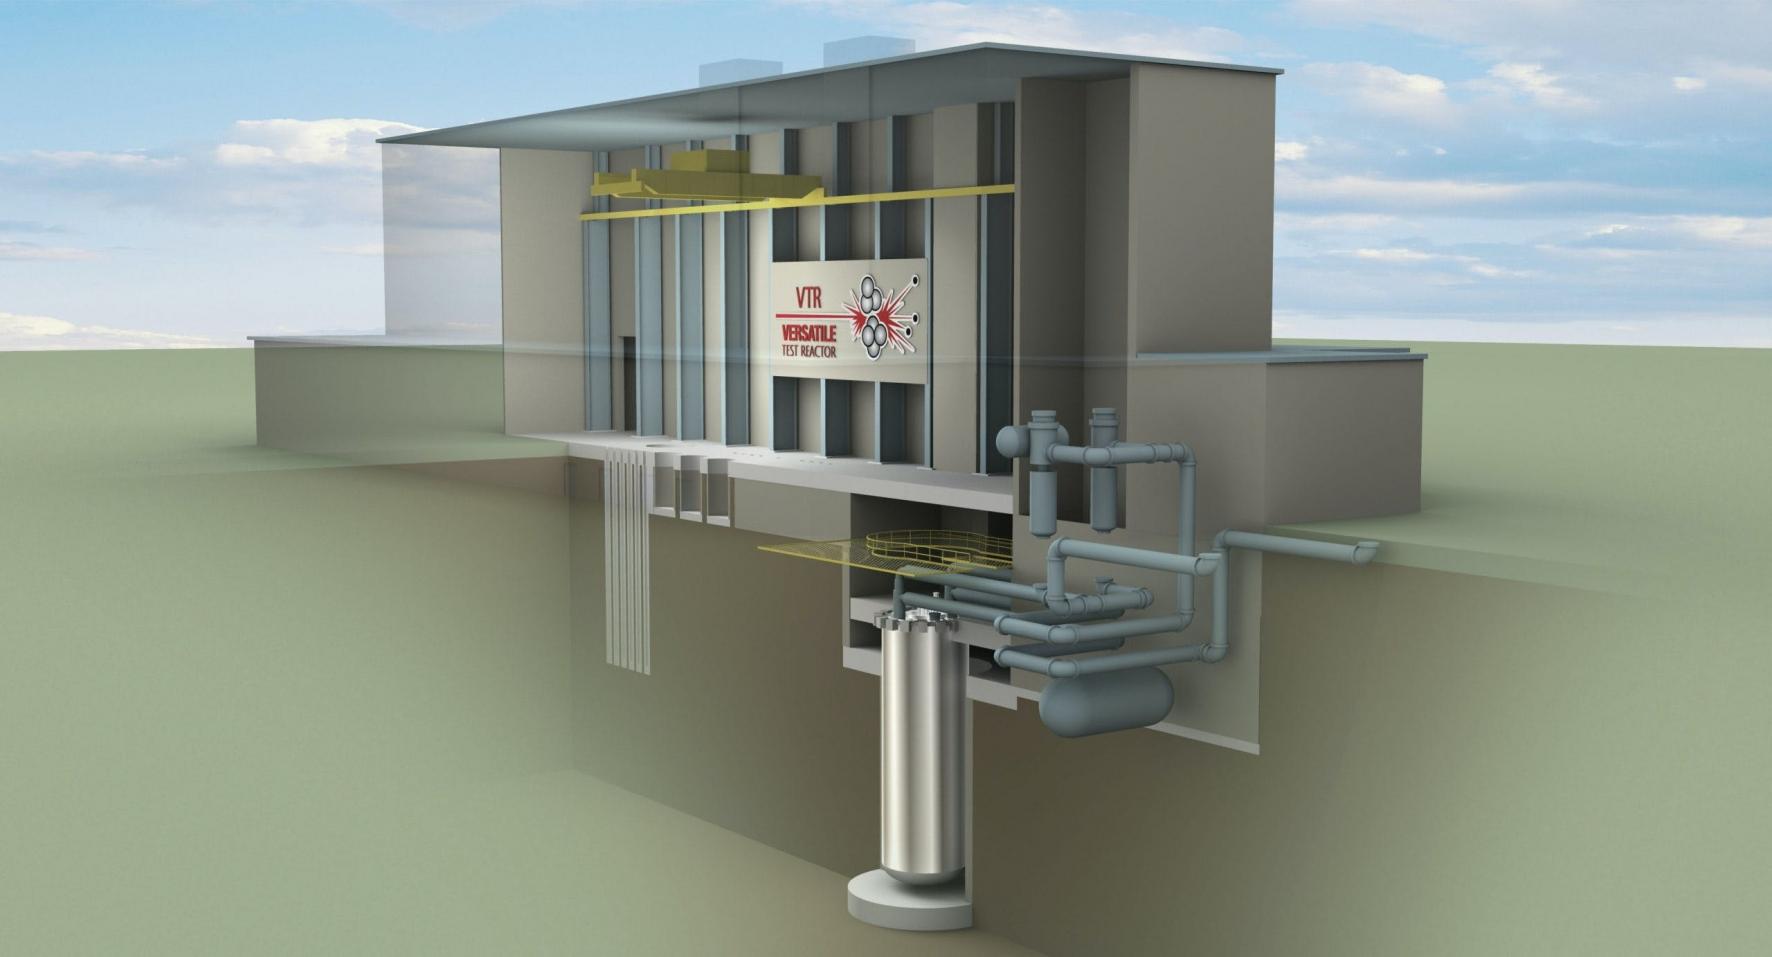 Versatile Test Reactor mock up